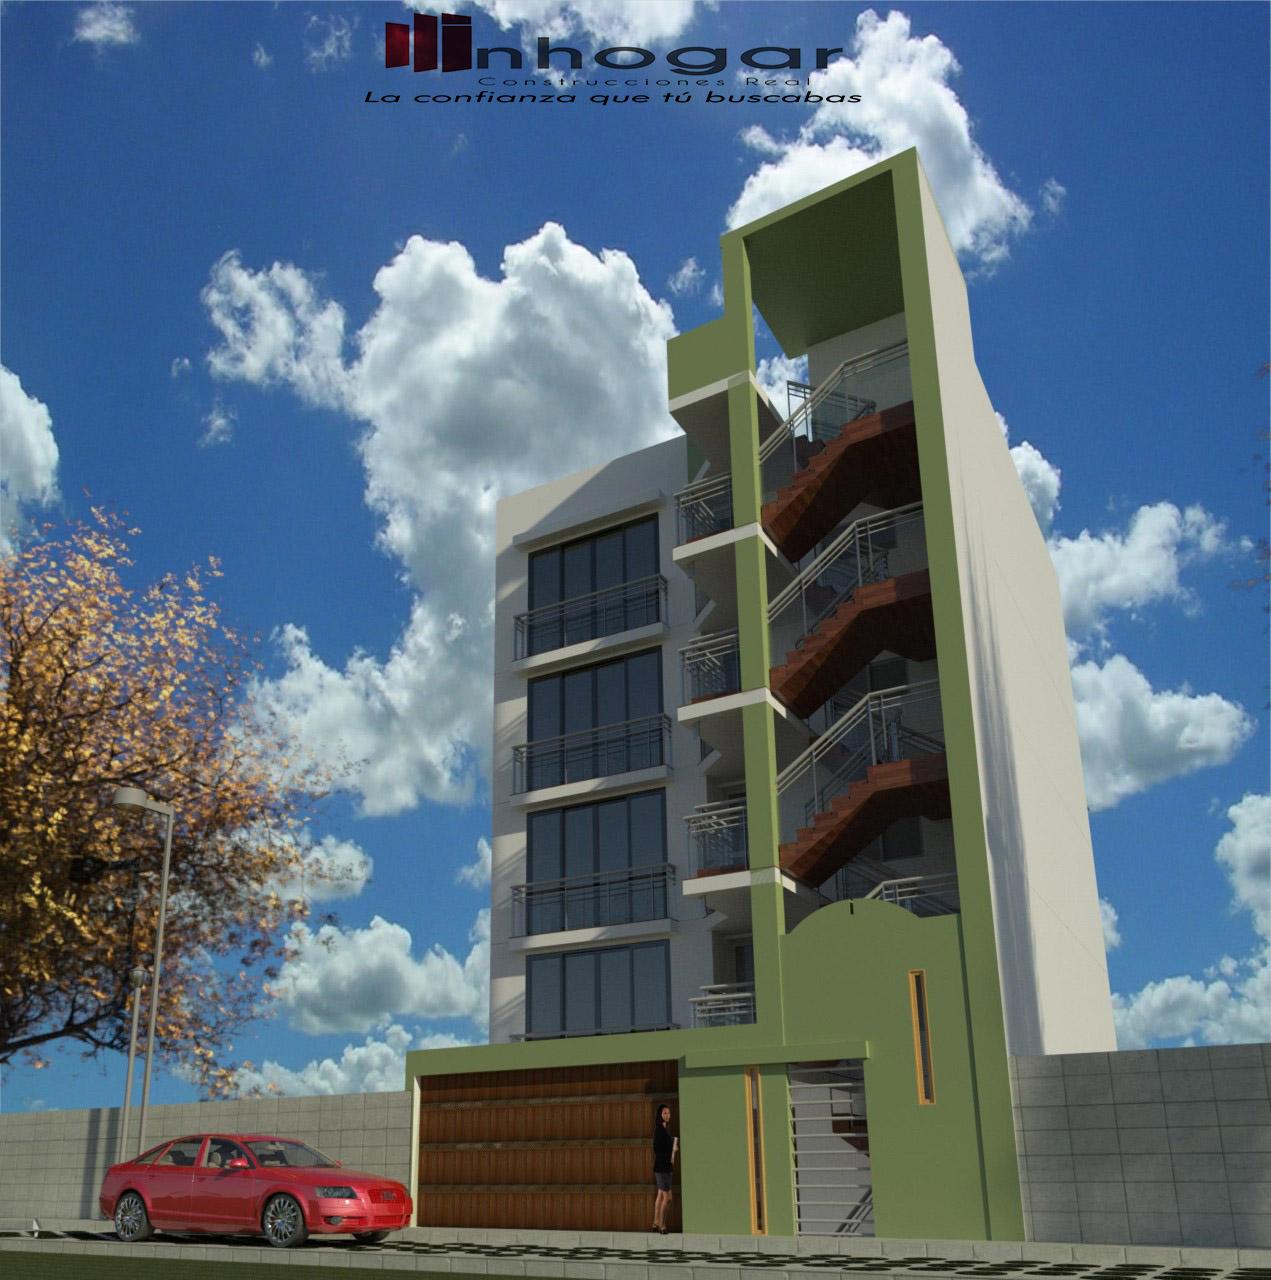 Venta de Departamento en Arequipa con 1 baño con 1 estacionamiento - vista principal